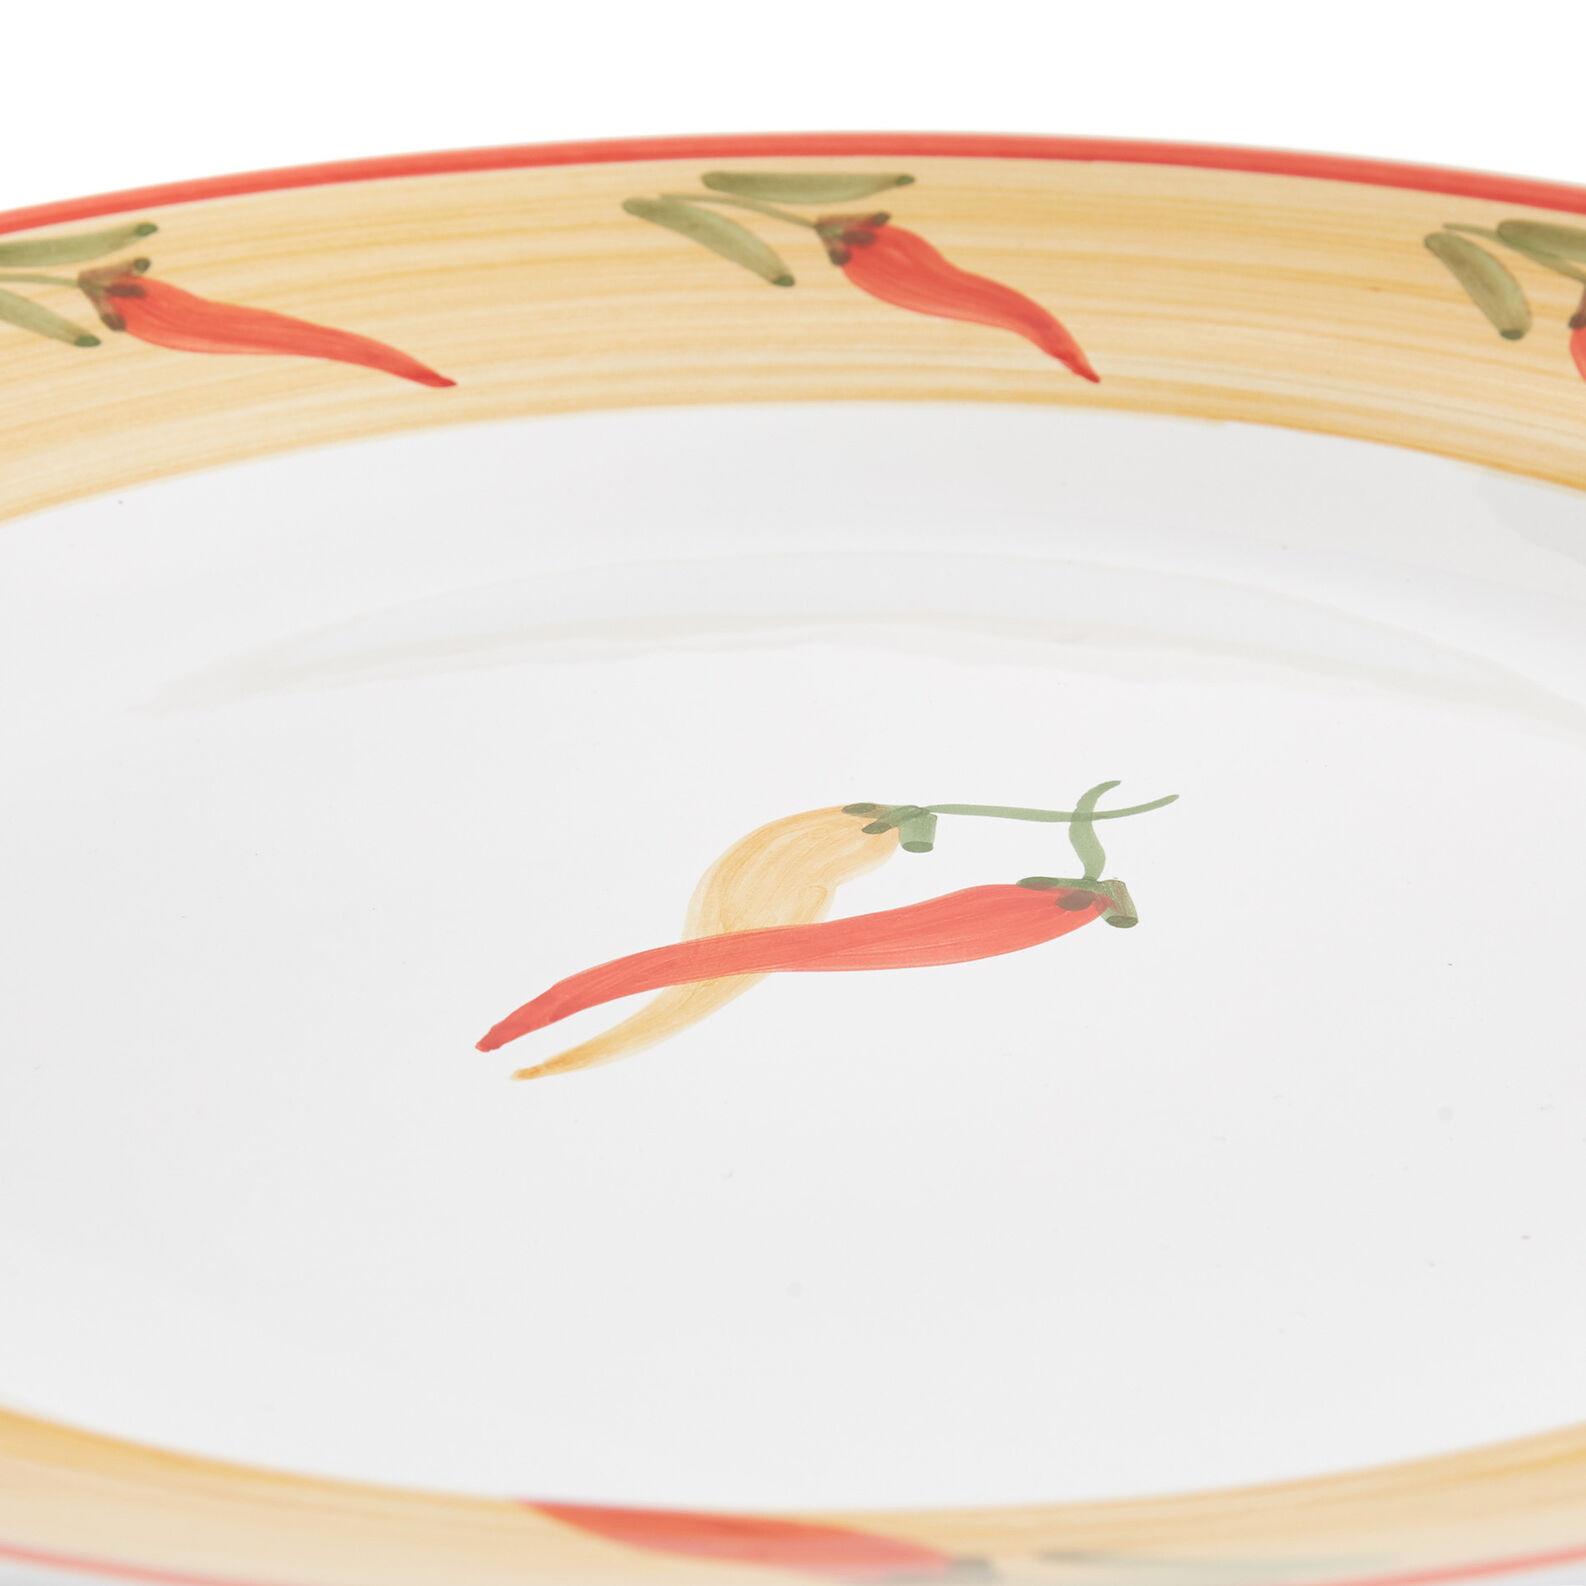 Serving dish with pepper decoration by Ceramiche Siciliane Ruggeri